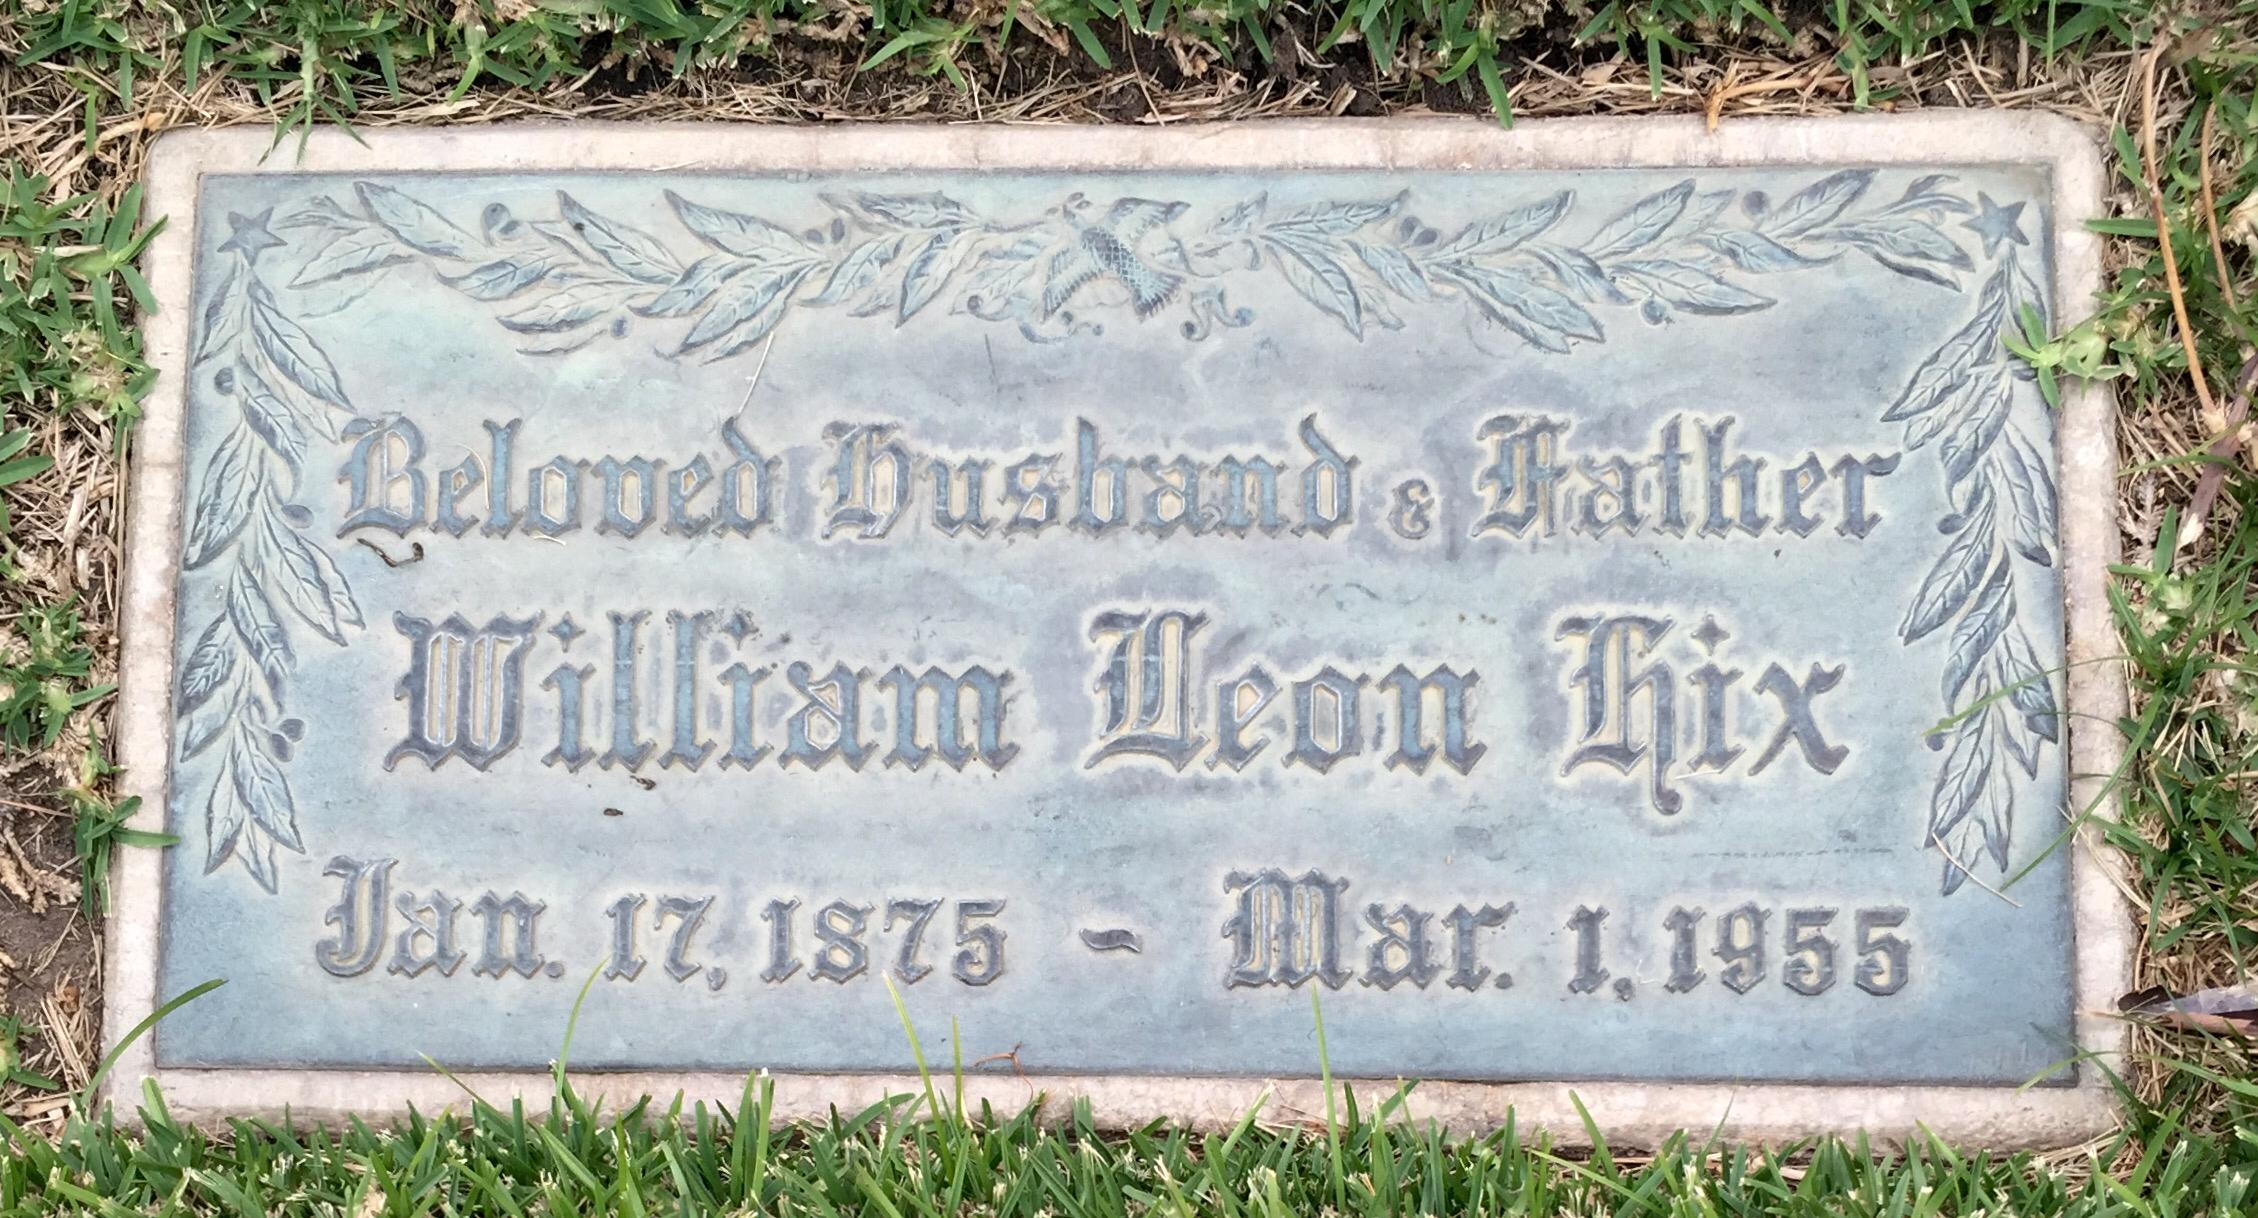 William Leon Hix